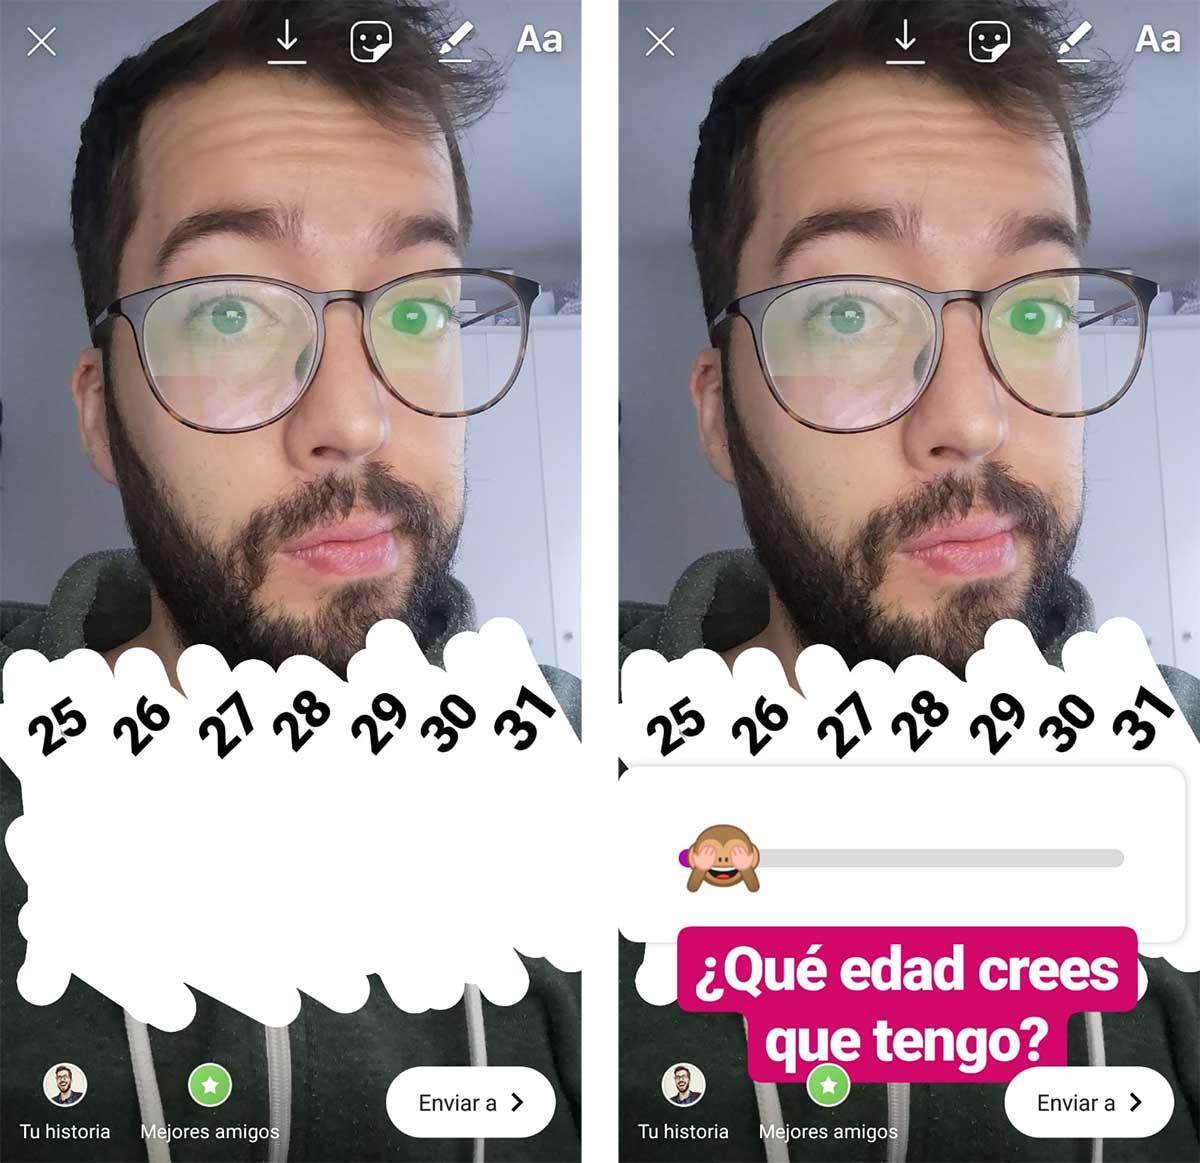 6 Juegos Para Instagram Stories Que Mezclan Stickers Y Preguntas